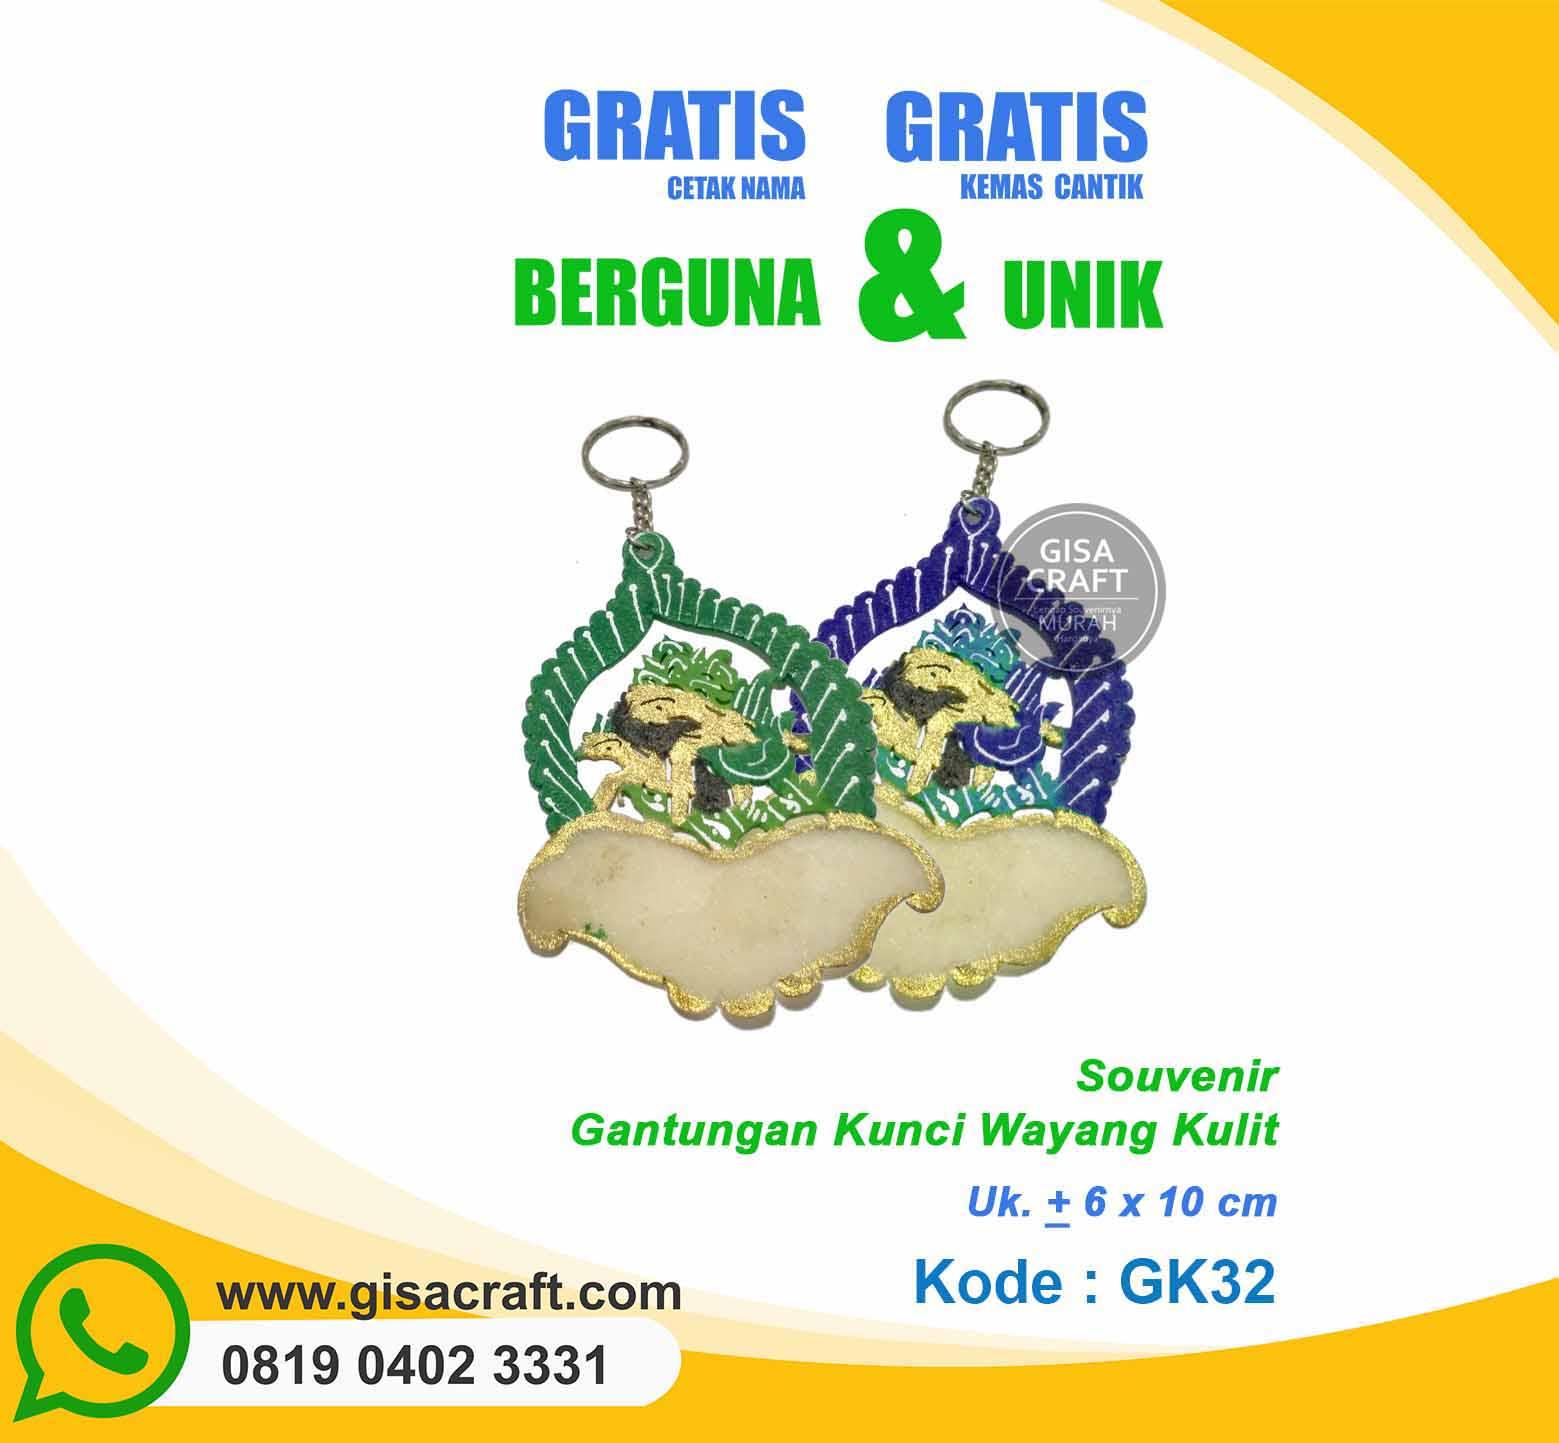 Souvenir Gantungan Kunci Wayang Kulit GK32